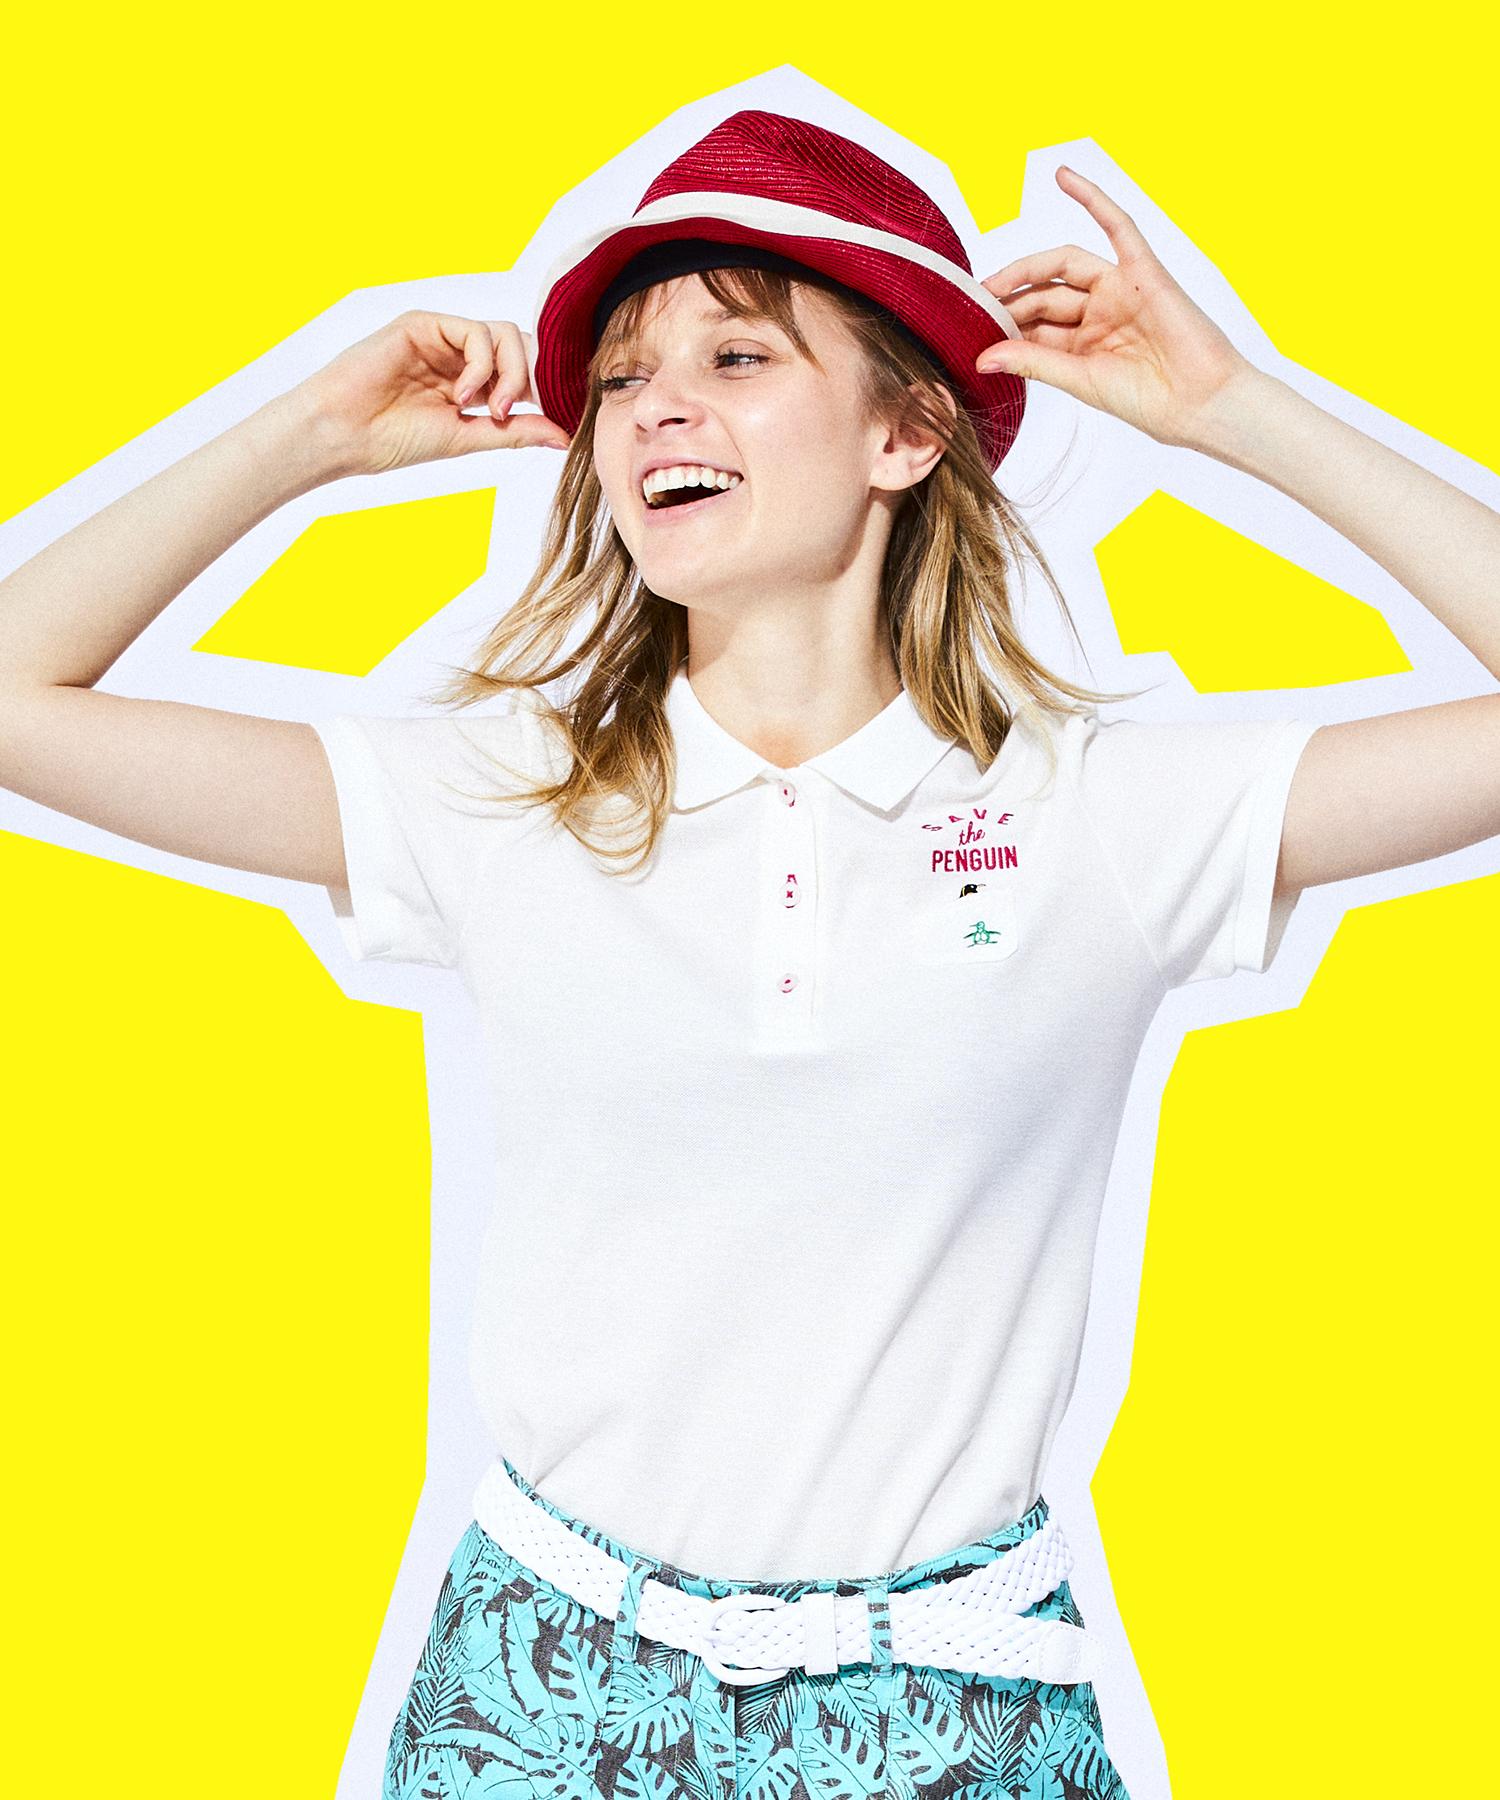 【SAVE THE PENGUIN・WWFコラボ/ECO】オーガニックコットン半袖シャツ